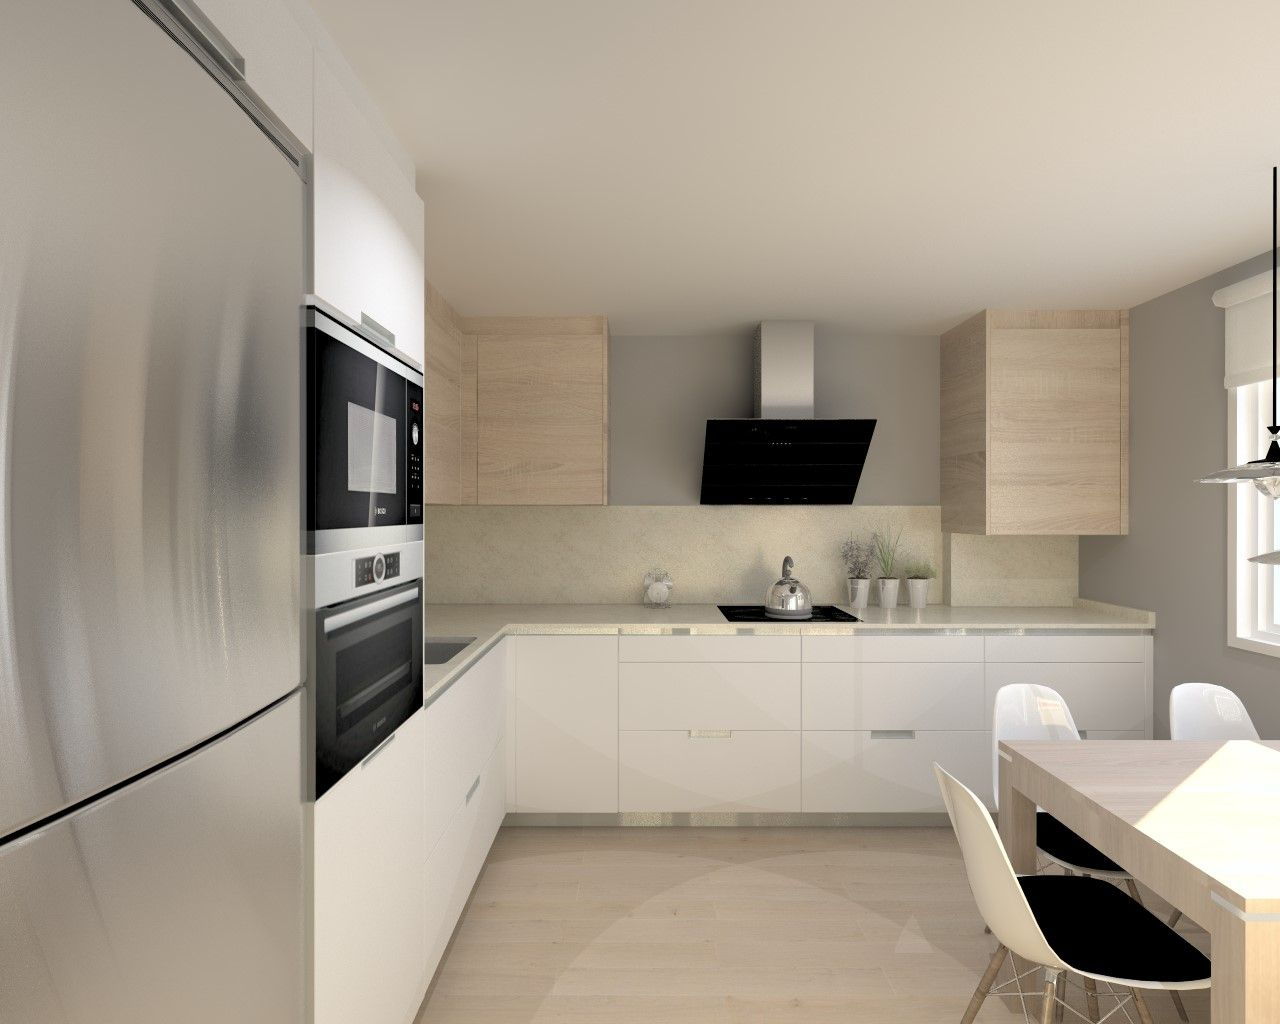 Cocina santos modelo minos l blanco seda encimera granito for Cocinas angostas y largas